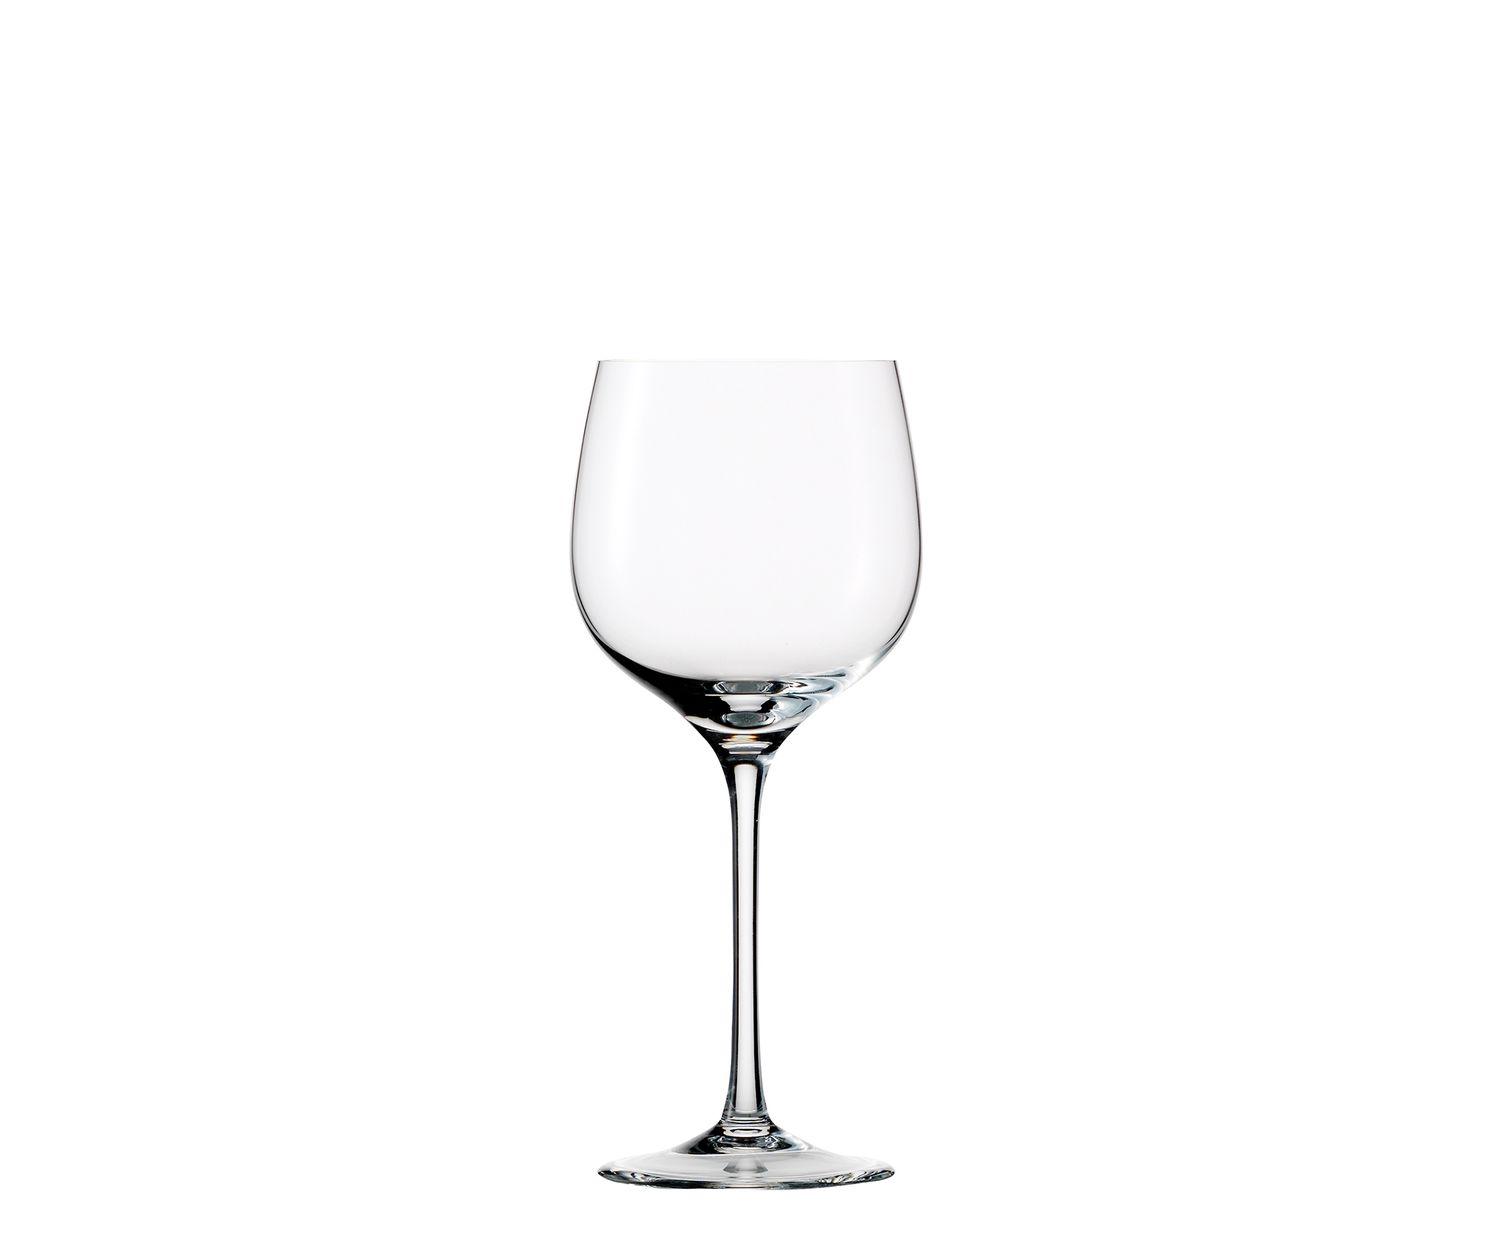 Eisch Burgunder Glas Superior Sensis Plus, 6 Stk